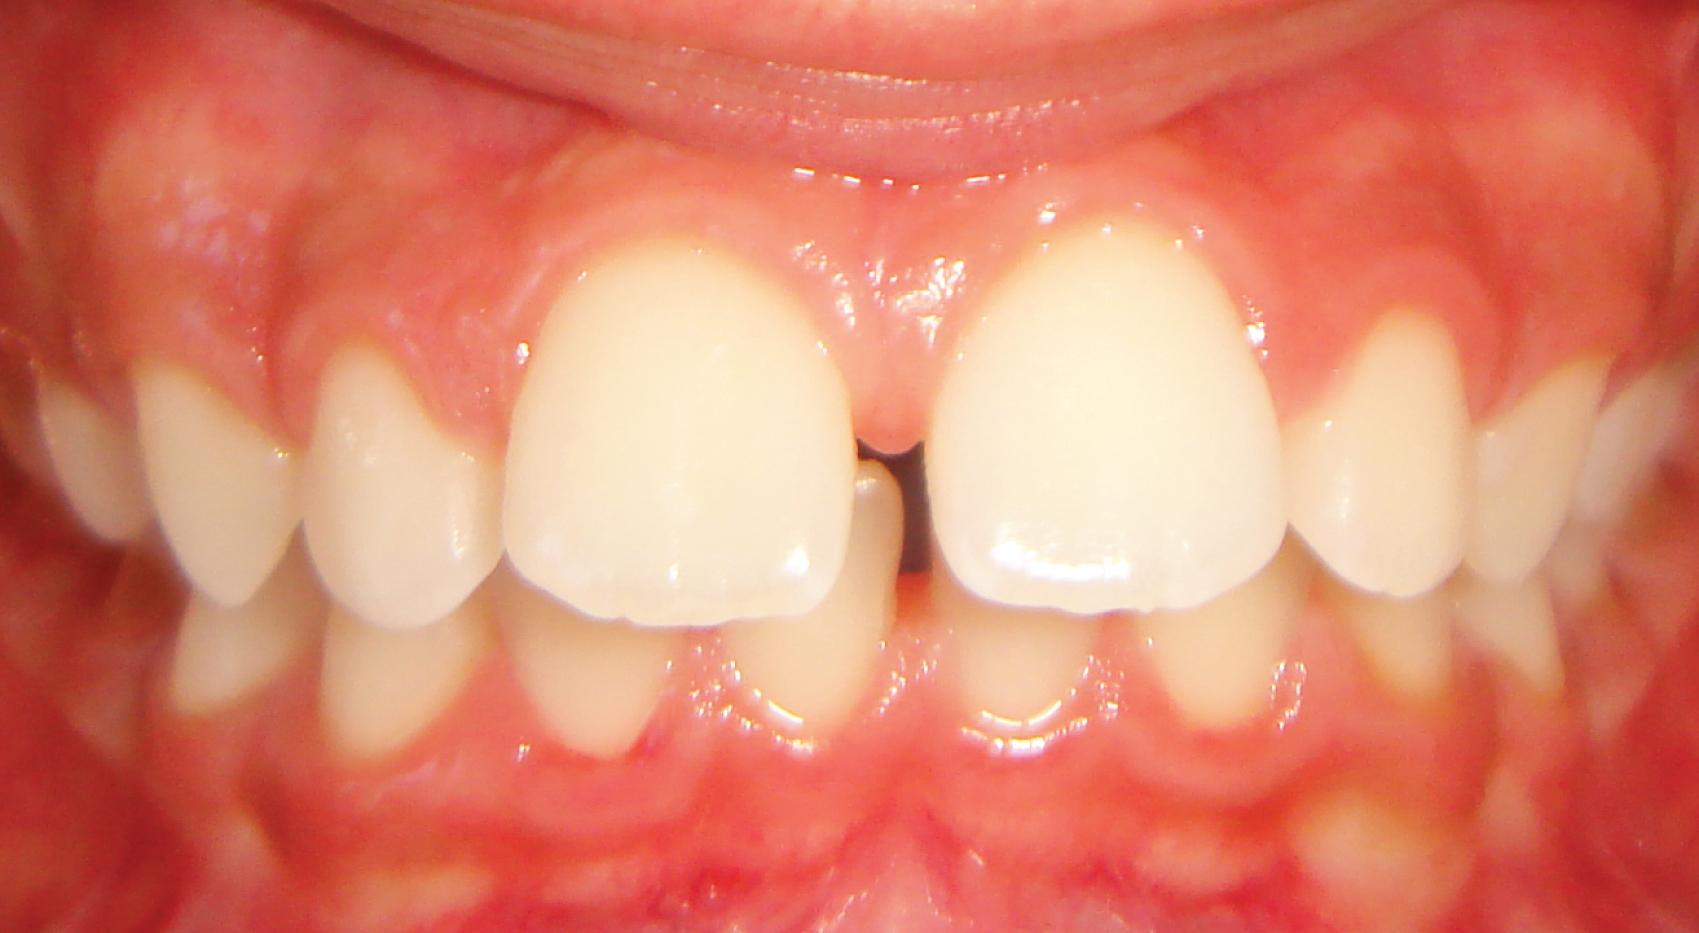 Ortodontia - Avanço da dentição superior